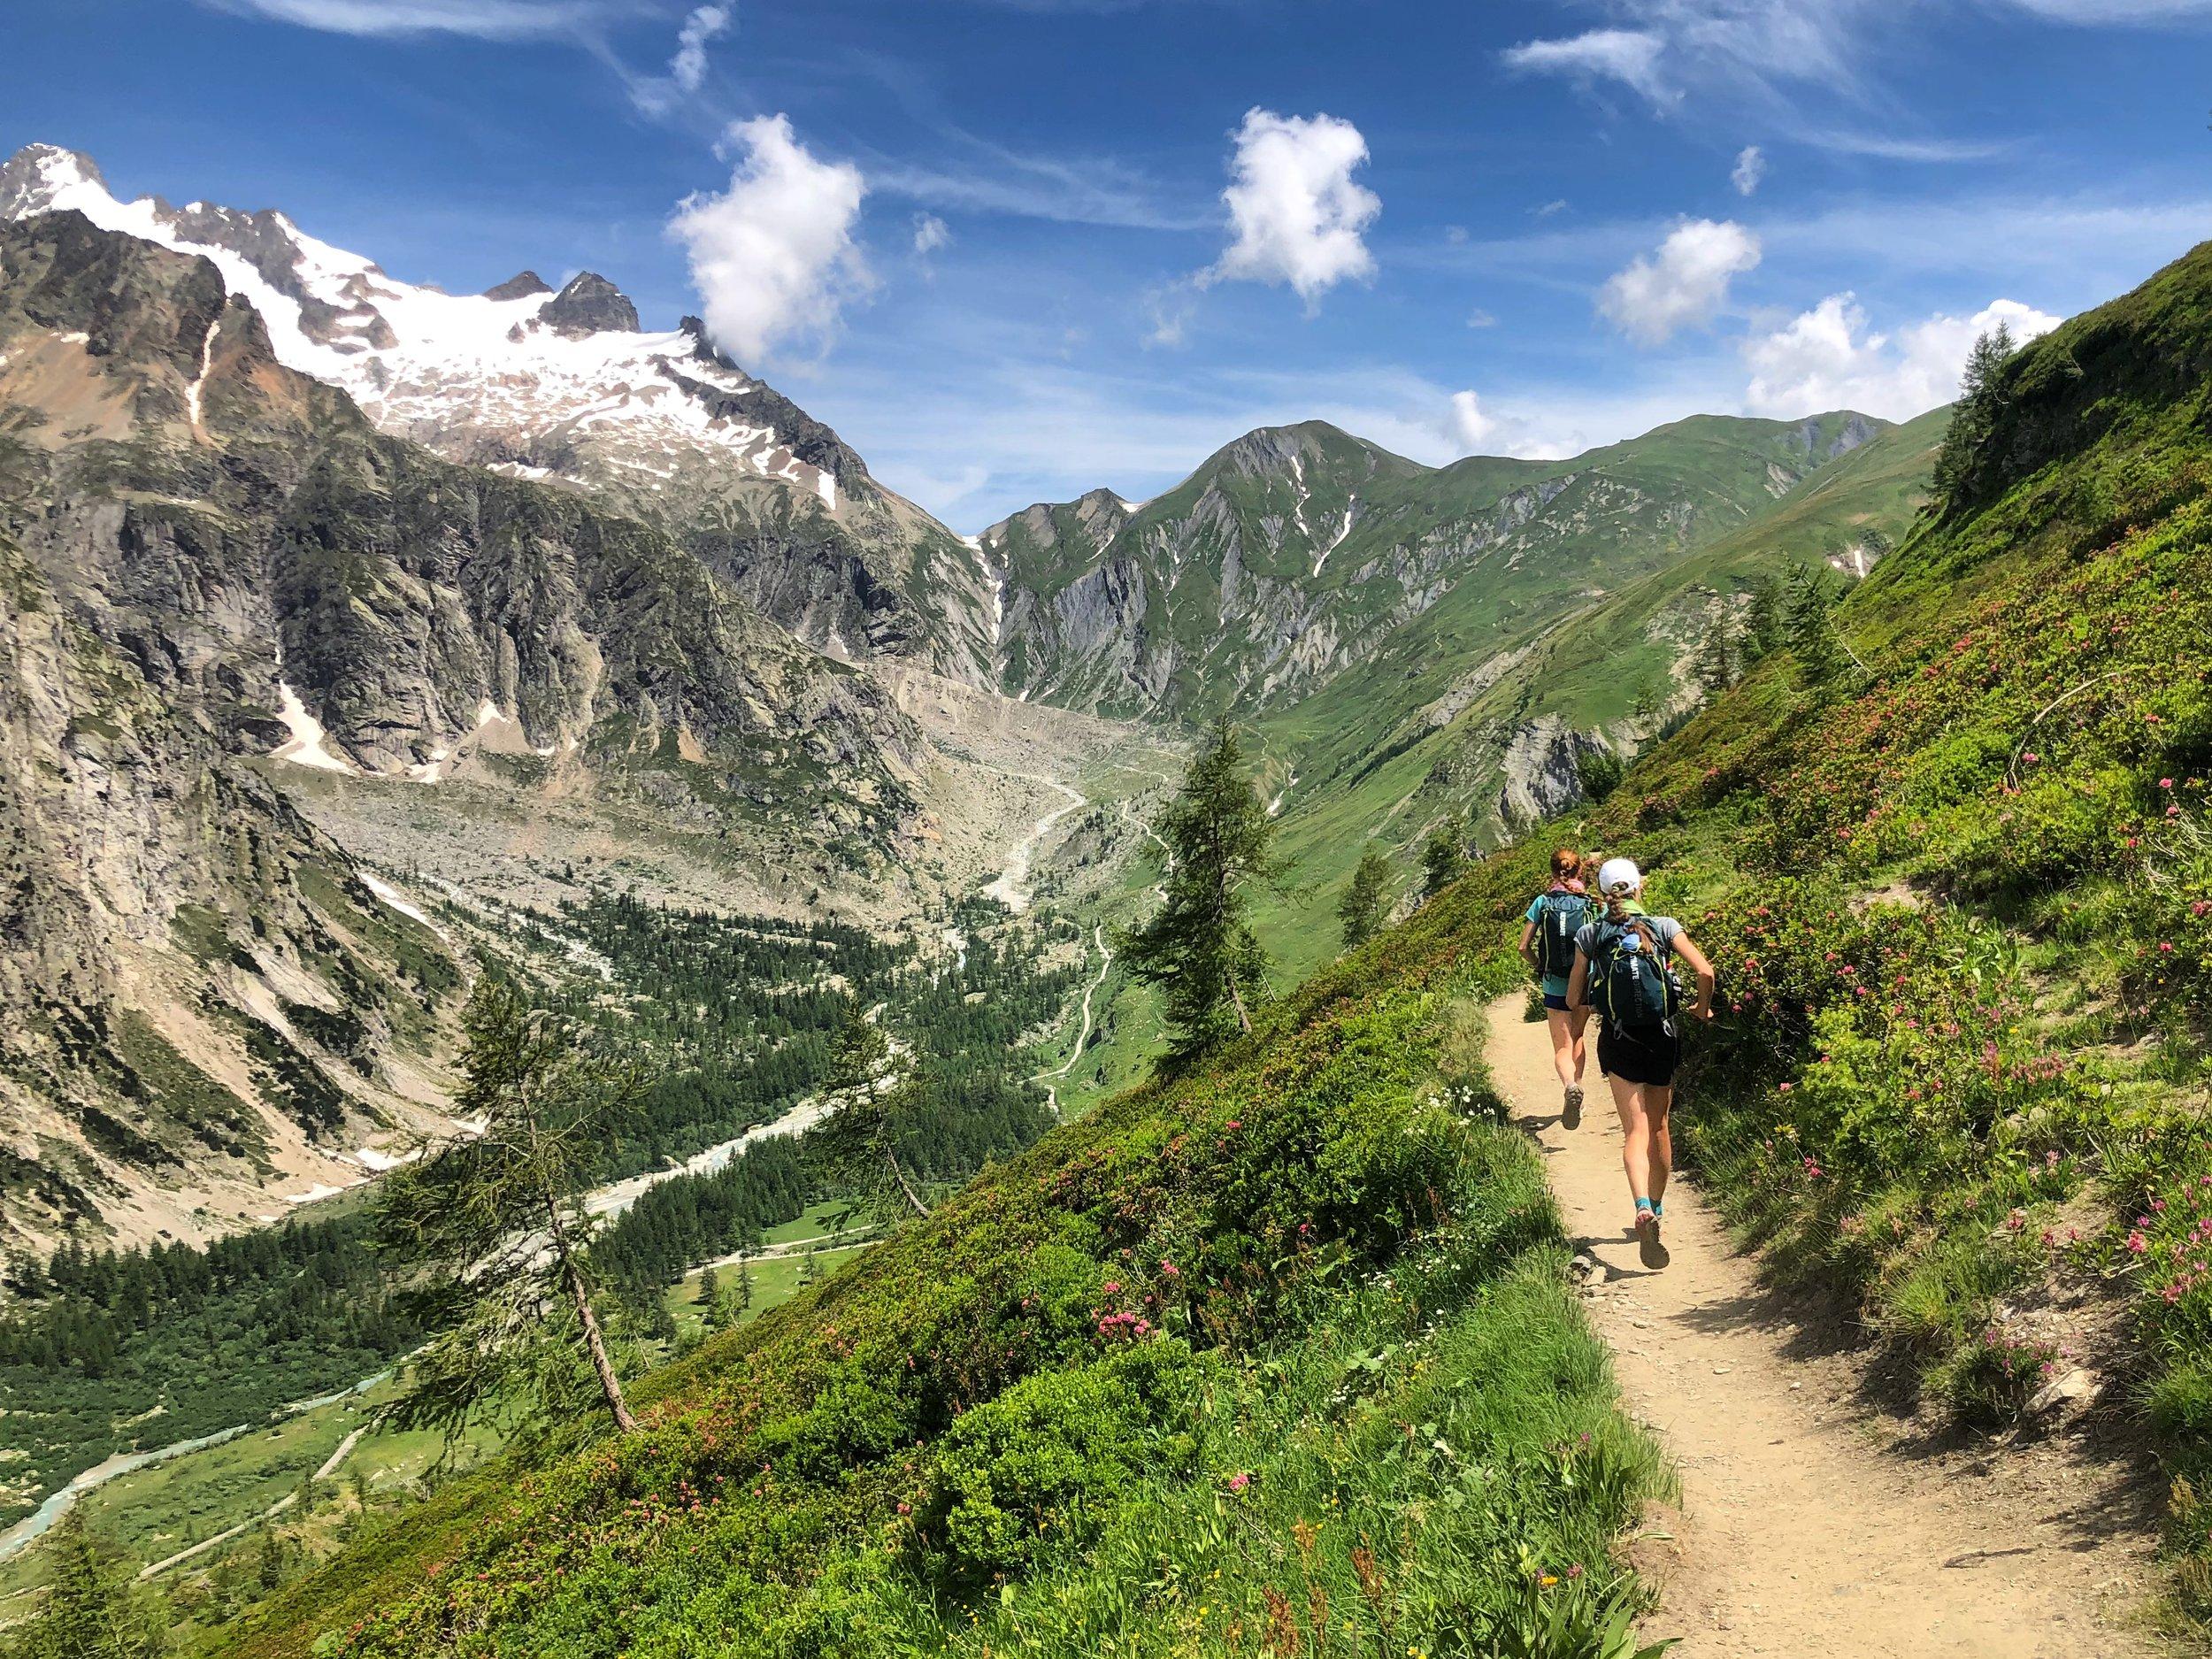 https://runcation.org/selfguided-tour-du-mont-blanc-trail-running